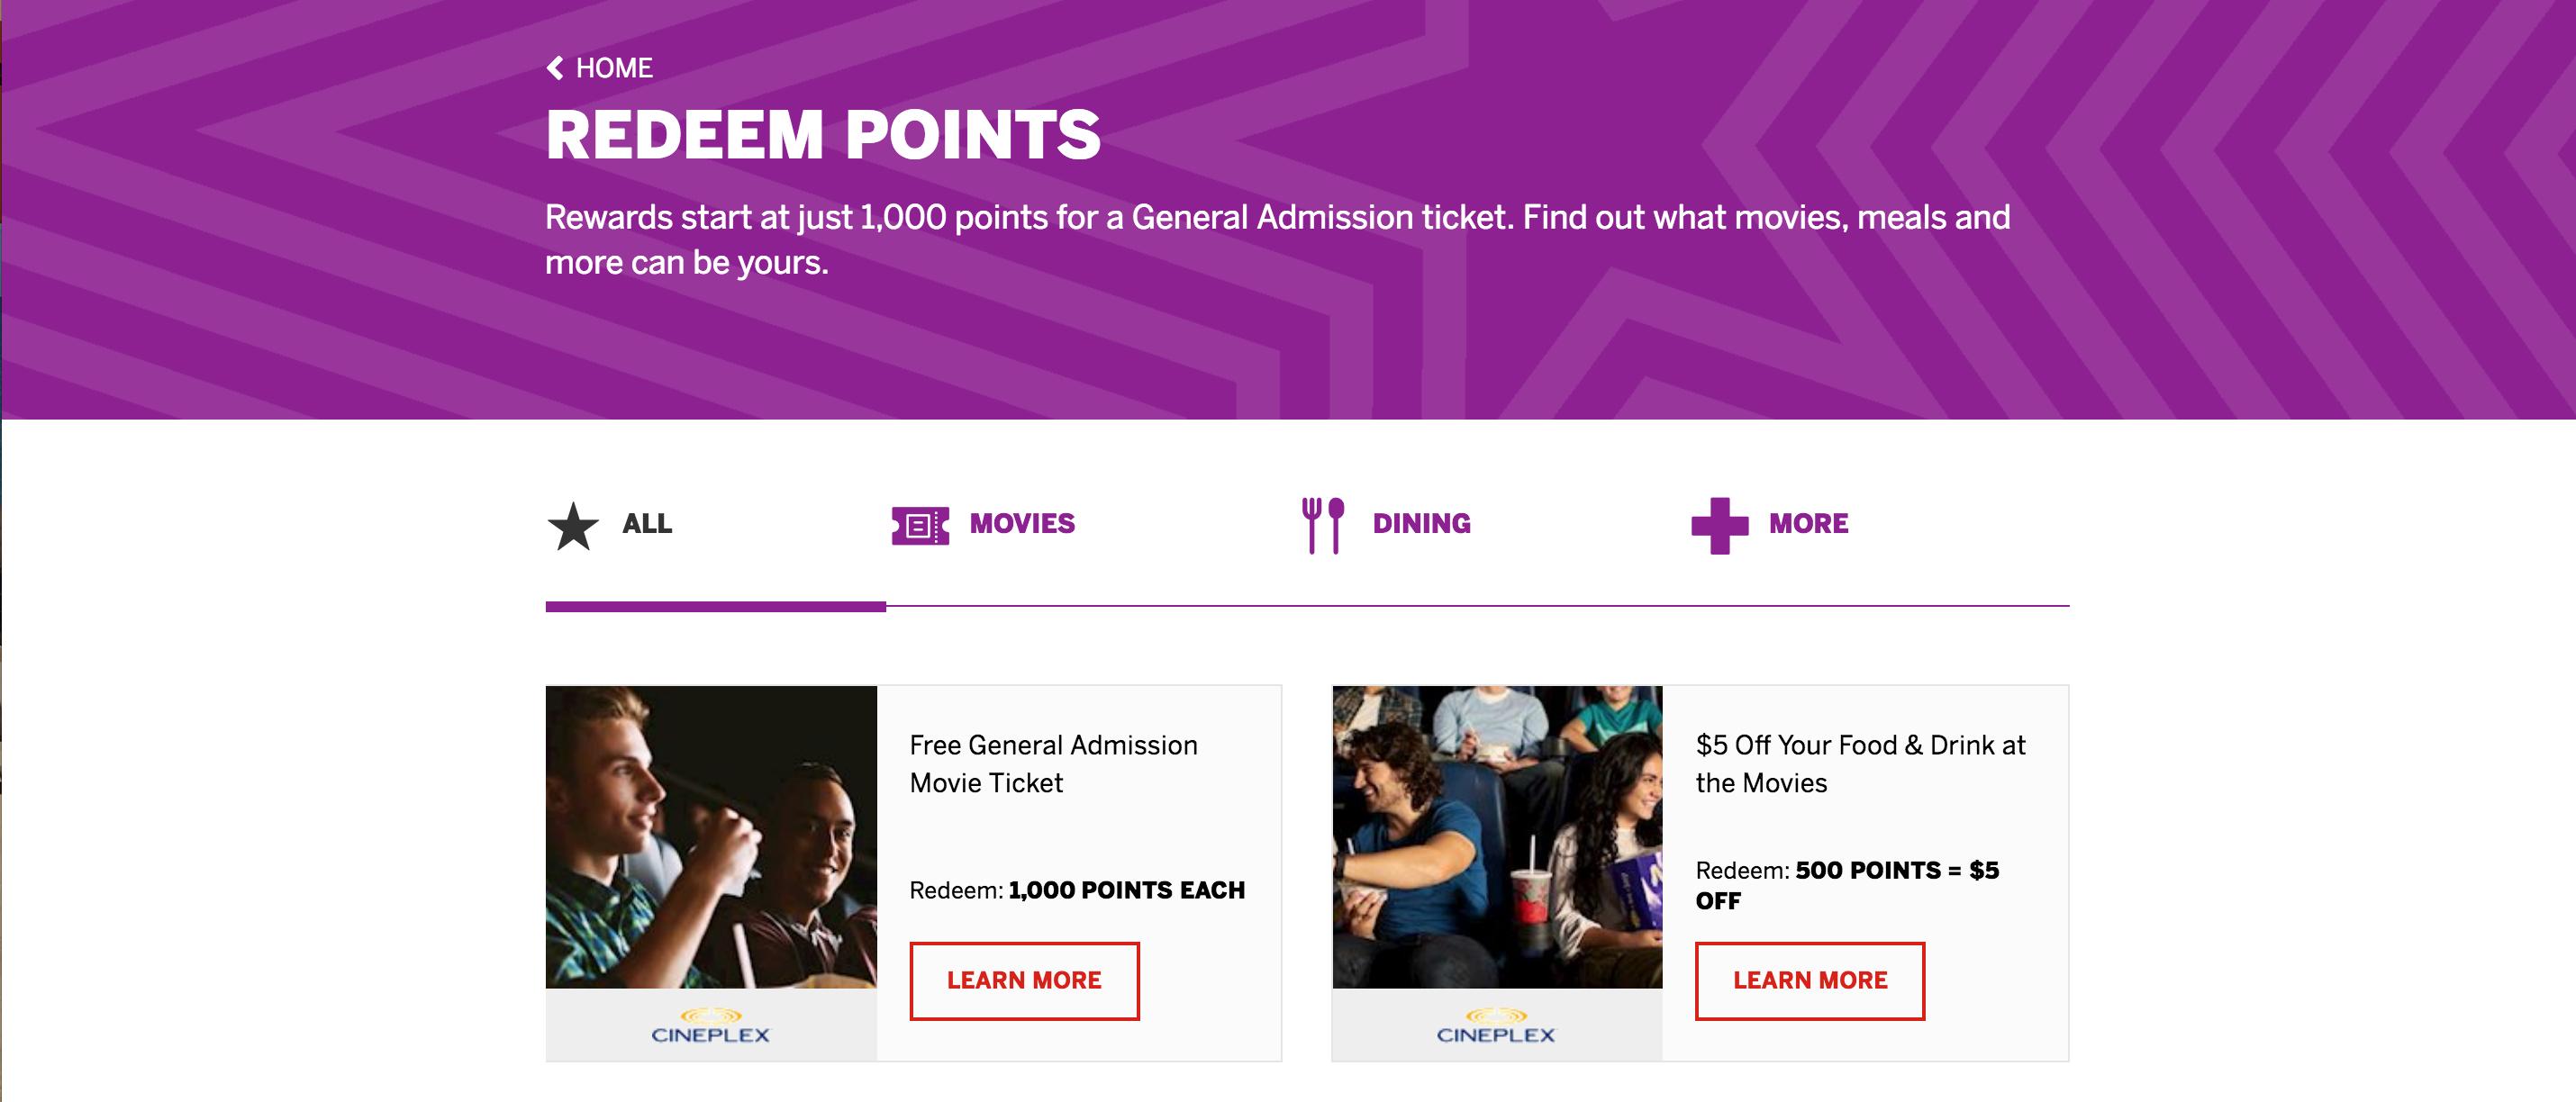 Cineplex scene program: rewards